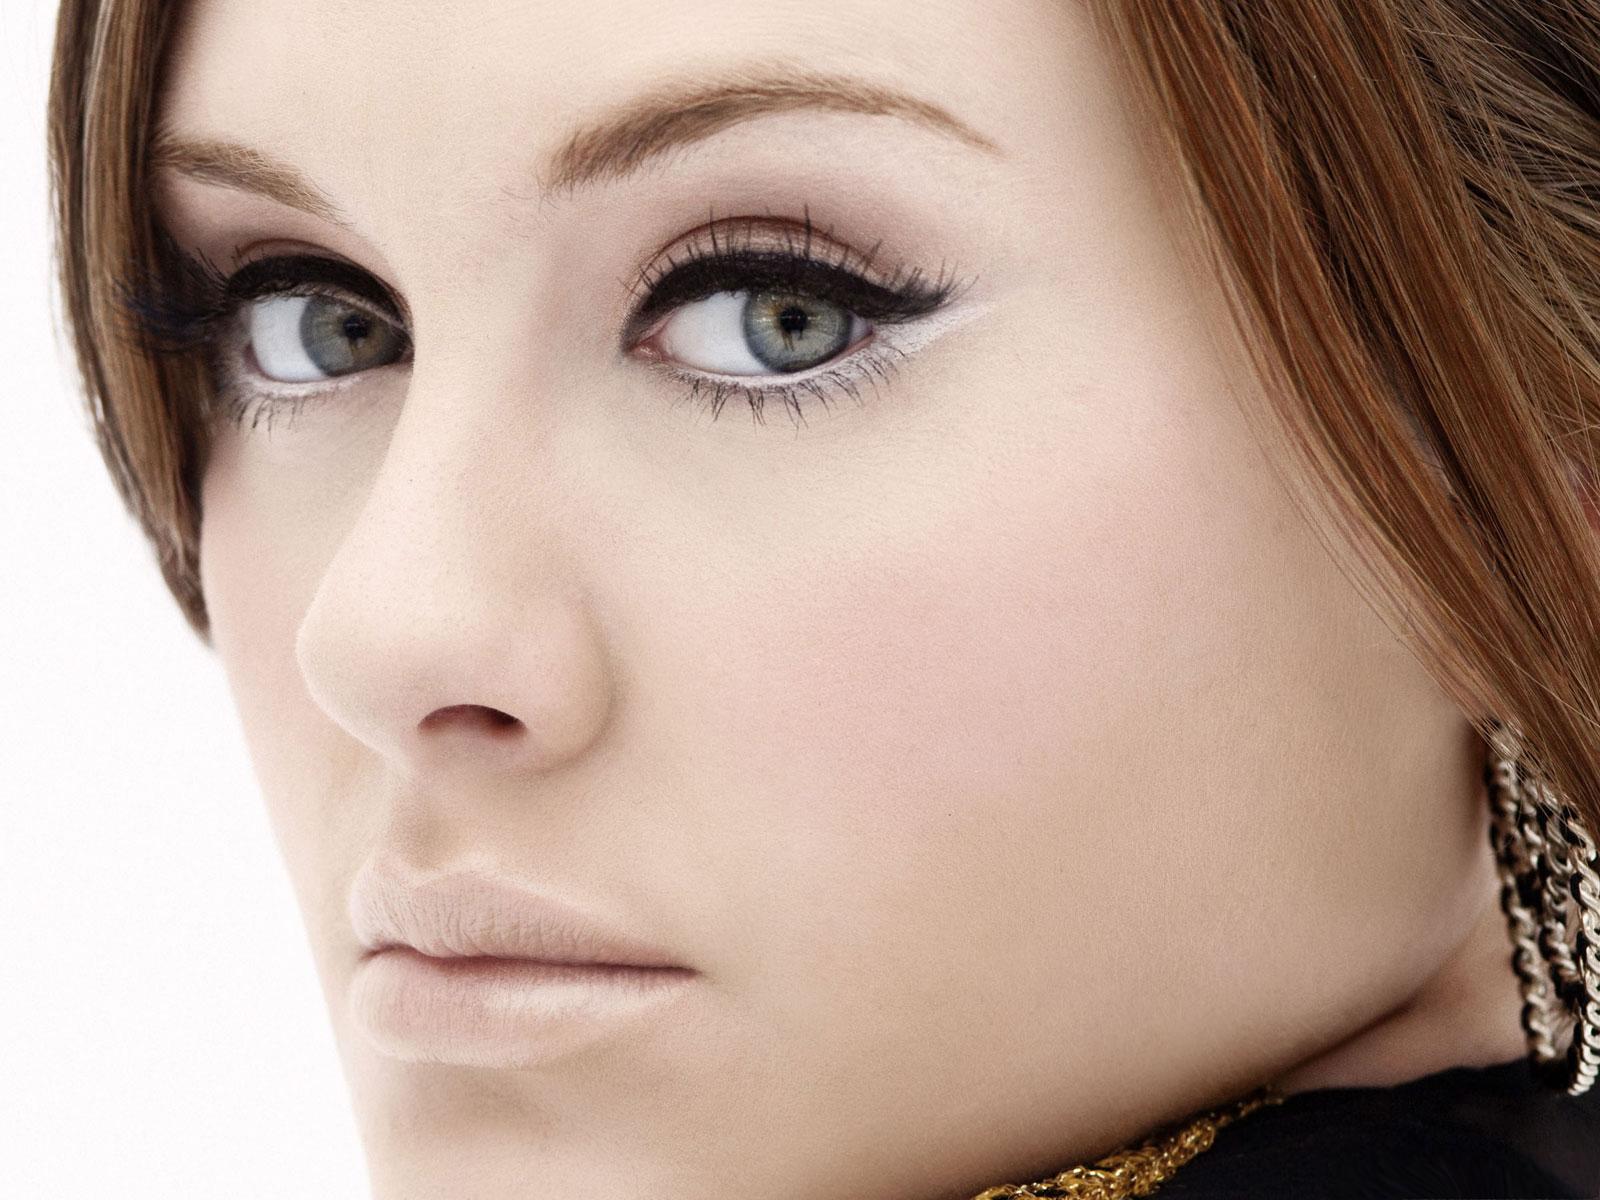 http://4.bp.blogspot.com/-0Ybt-A-2U6k/TrP5byQILTI/AAAAAAAADHs/hexE2-H39kI/s1600/Adele-desktop-Wallpapers-5.jpg